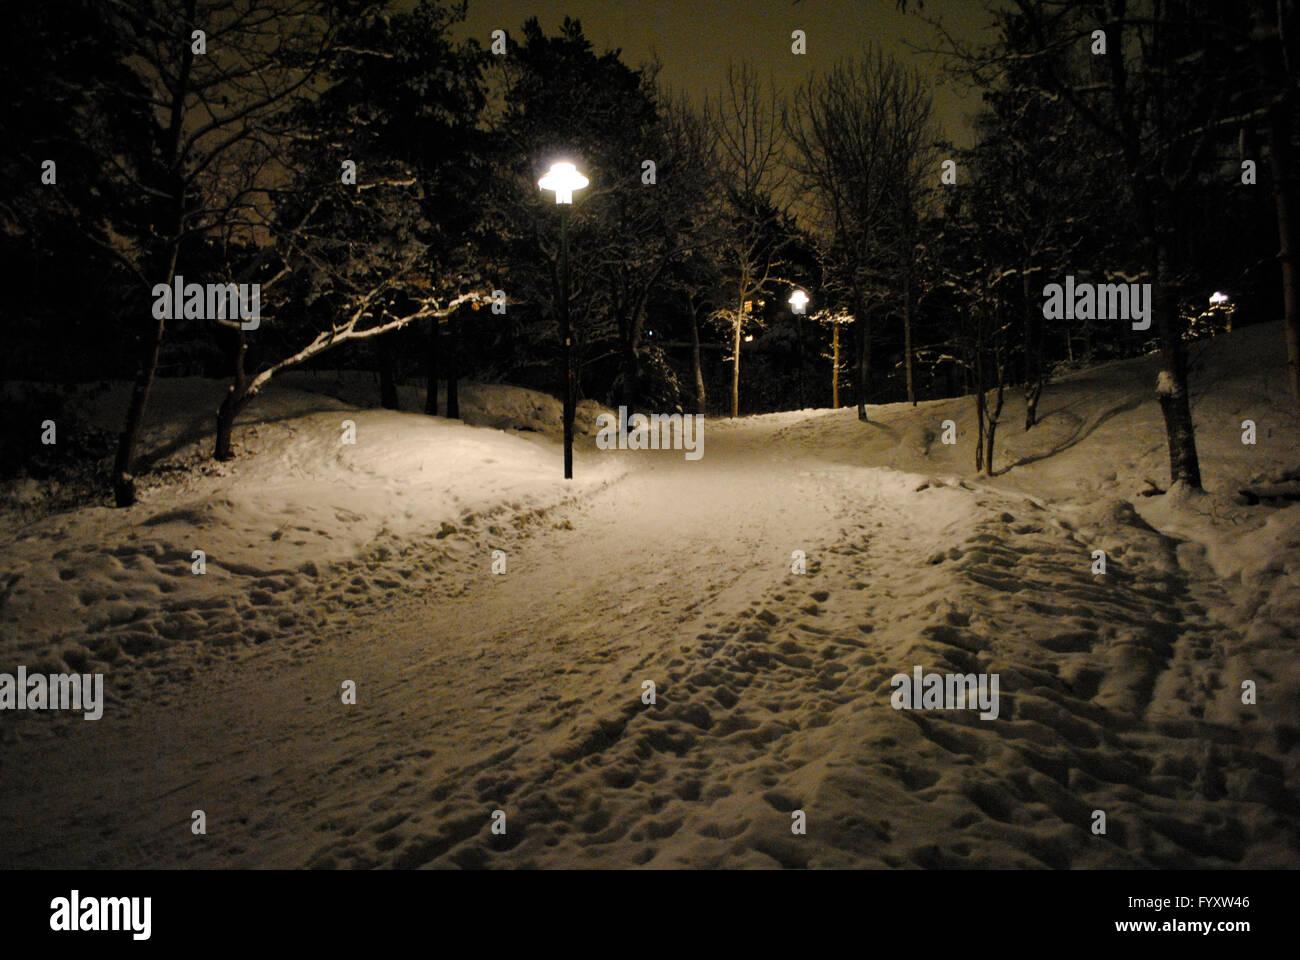 Schweden. Stockholm. Verschneiten Park in der Nacht. Stockfoto